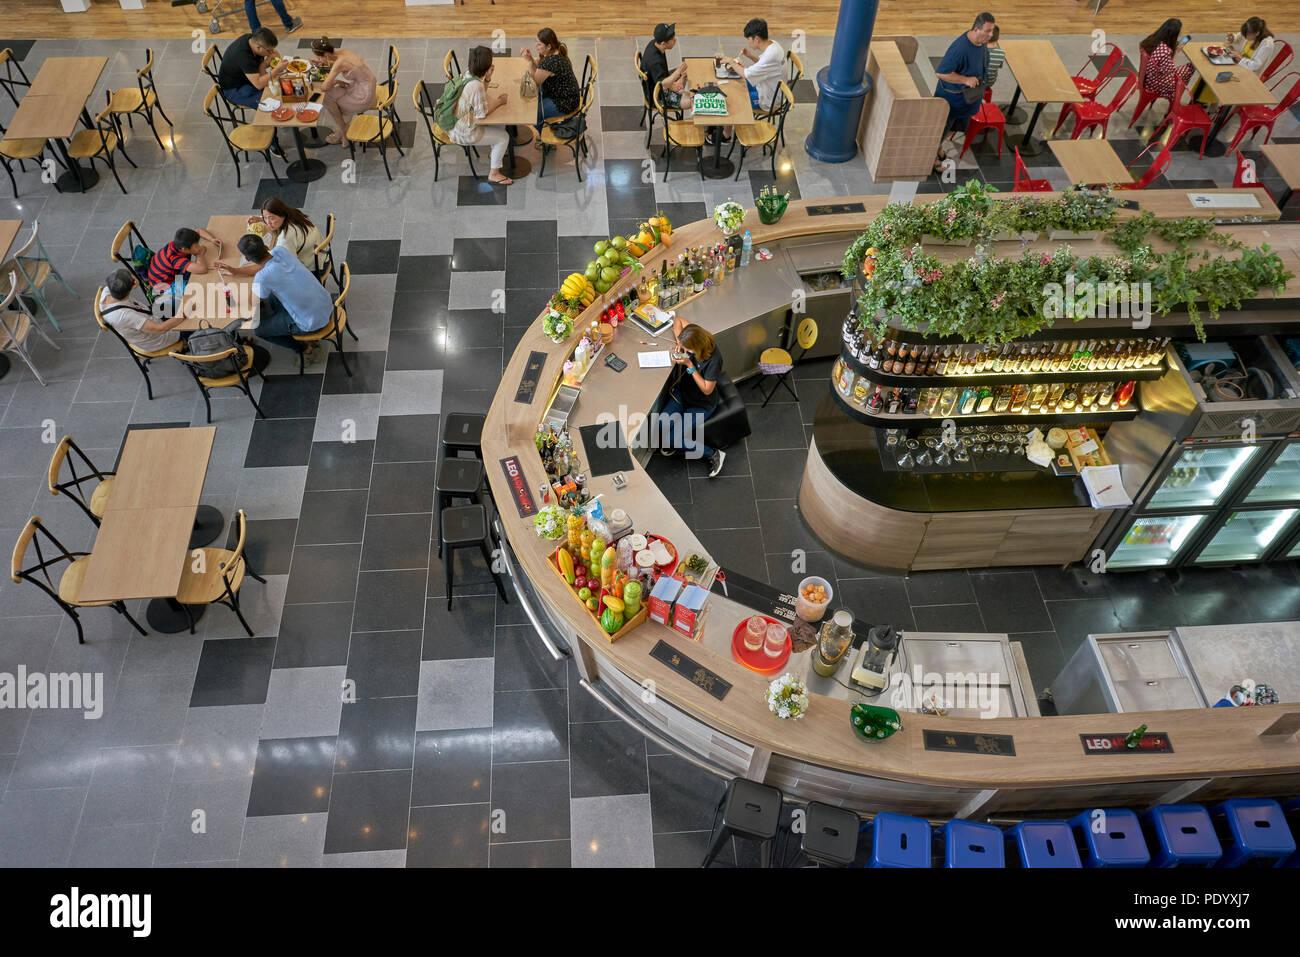 Vue de dessus de la salle de restaurant dans un centre commercial de la Thaïlande. Diners d'en haut. En Asie du sud-est. Photo Stock